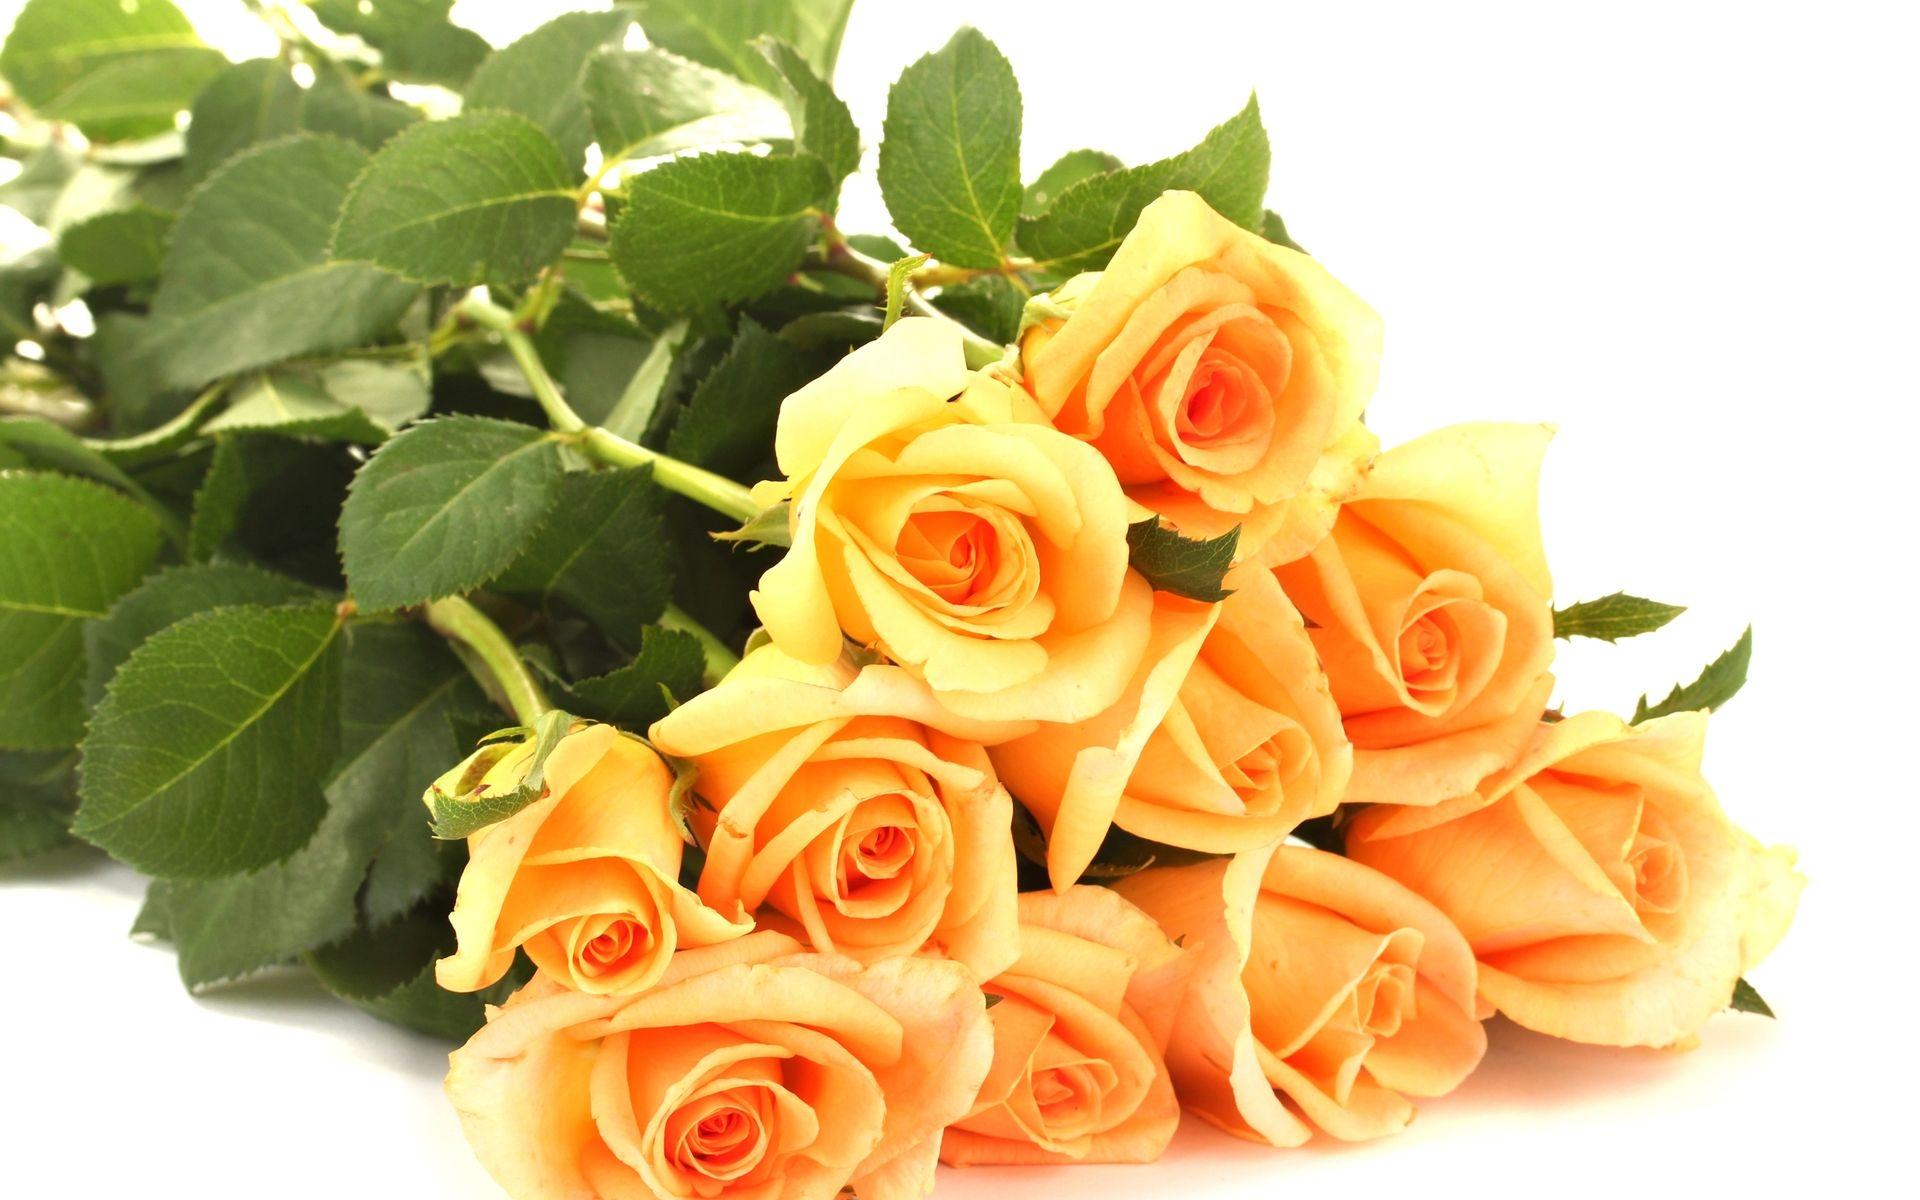 Hd wallpaper yellow rose - Yellow Roses Bokeh Hd Wallpaper